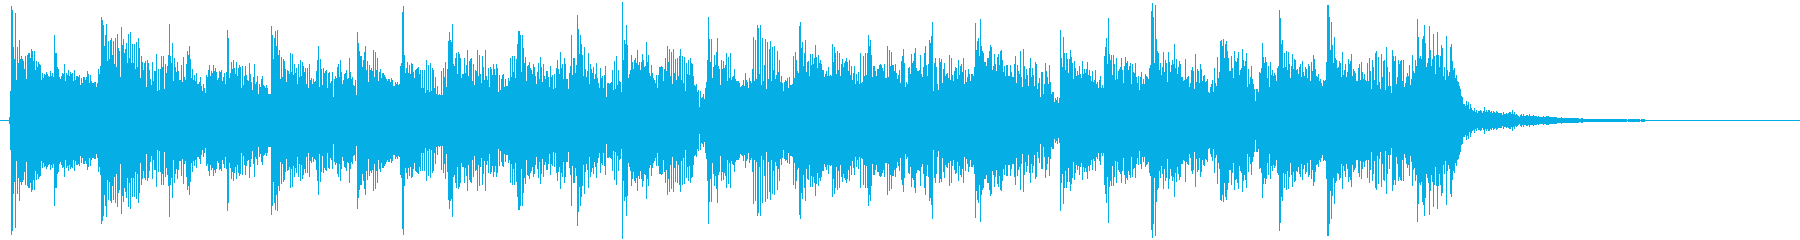 インパクトのあるロック調のジングルの再生済みの波形